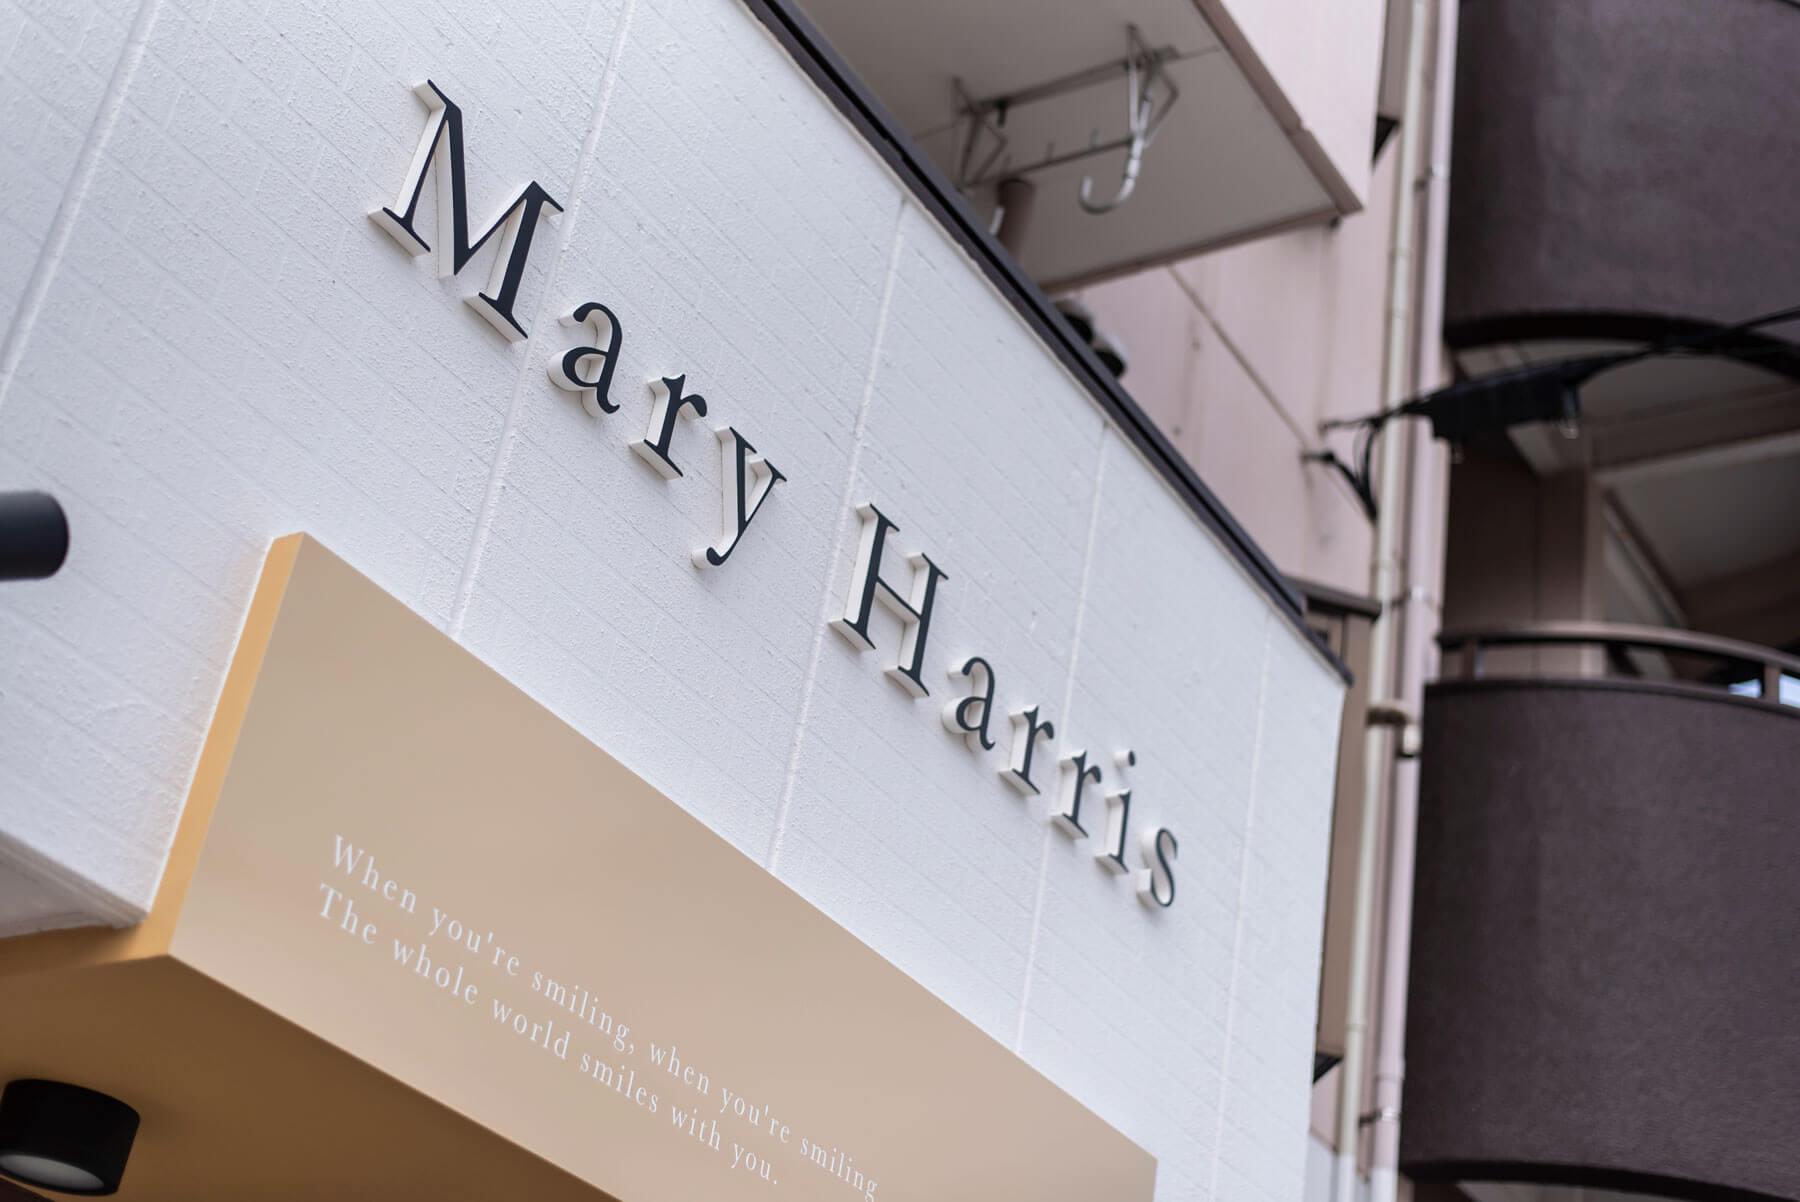 Mary Harris/Fukuoka